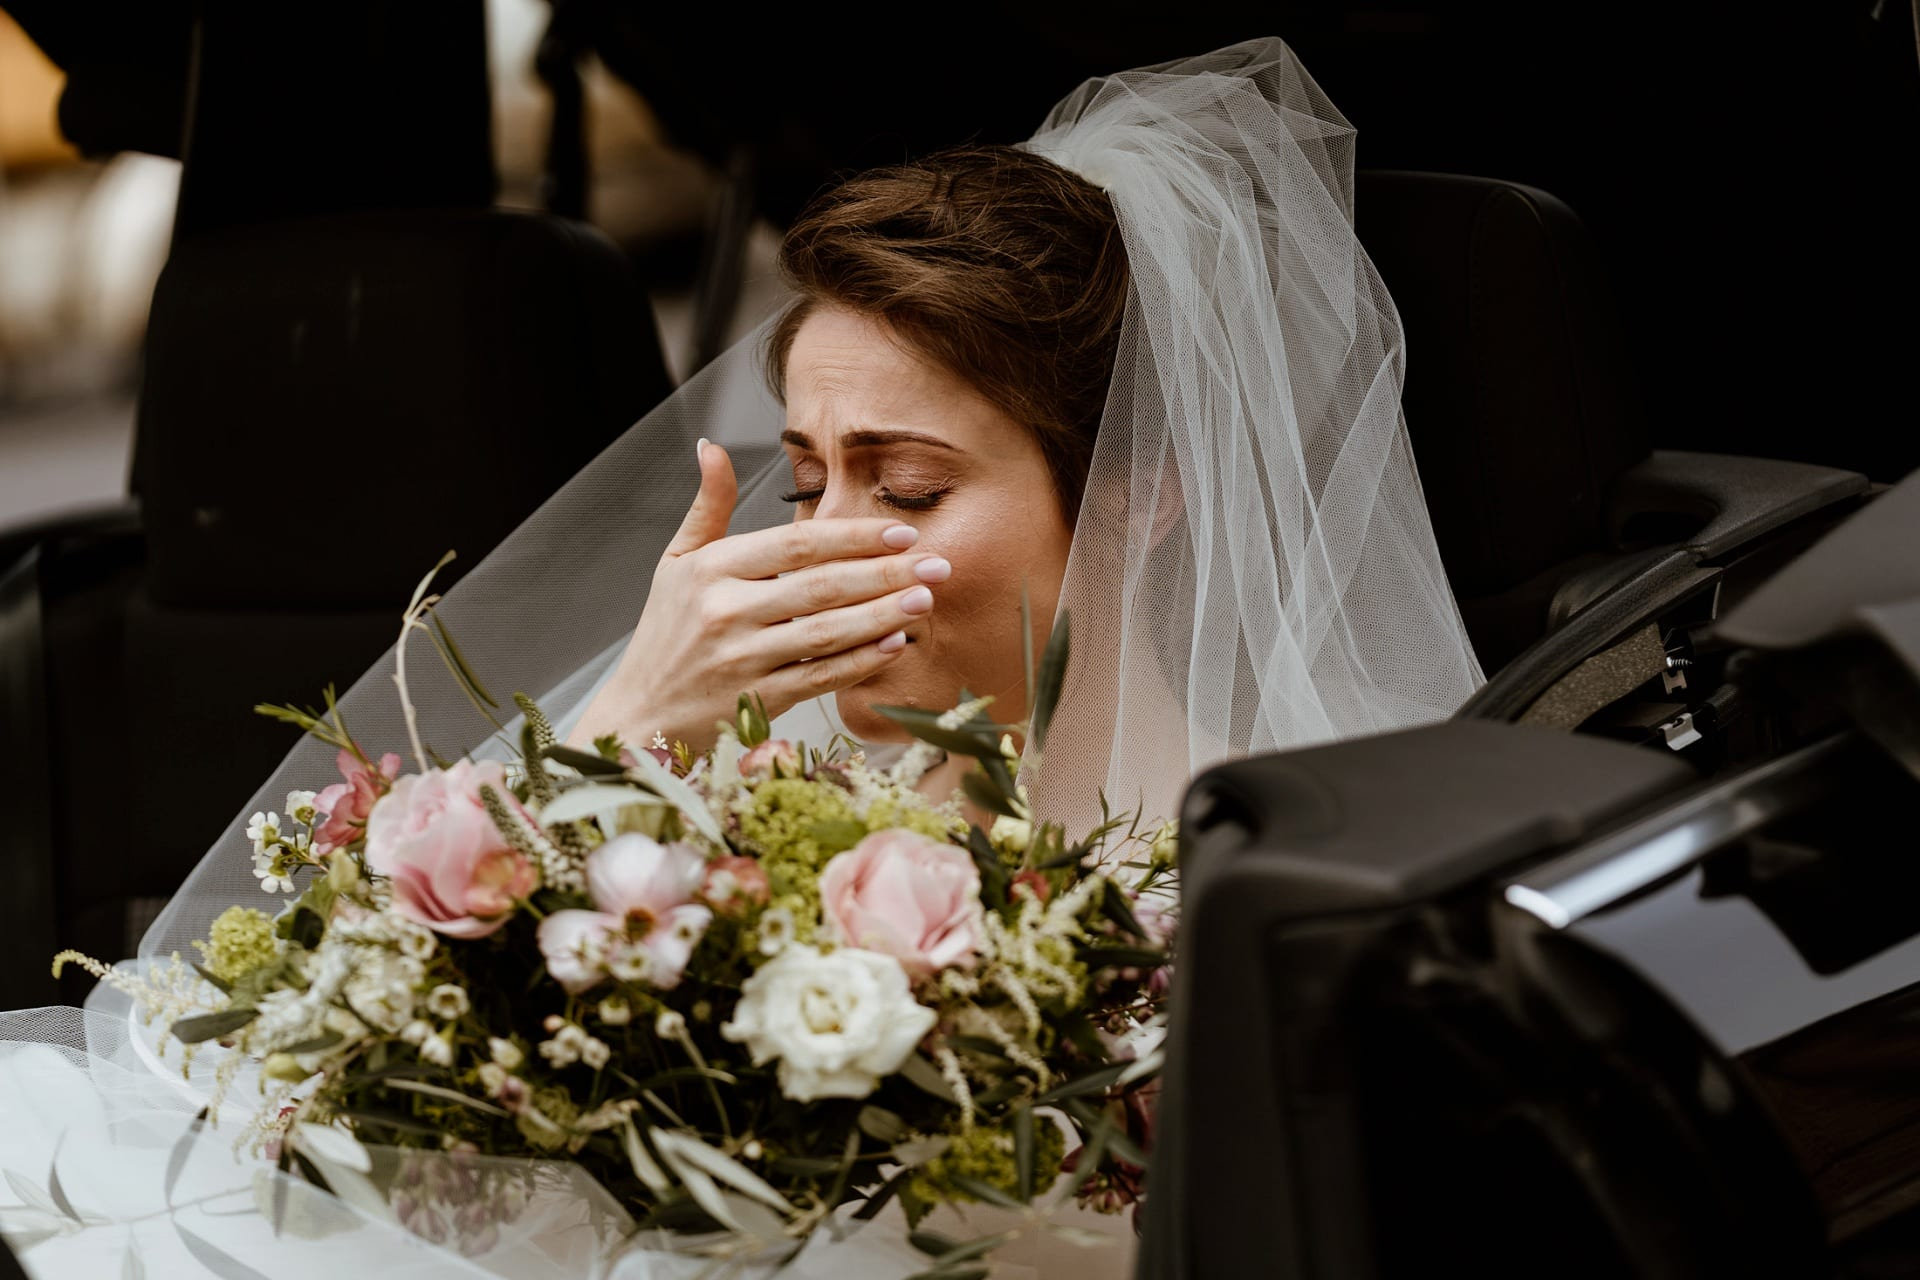 Bride hides a tear as she arrives at church